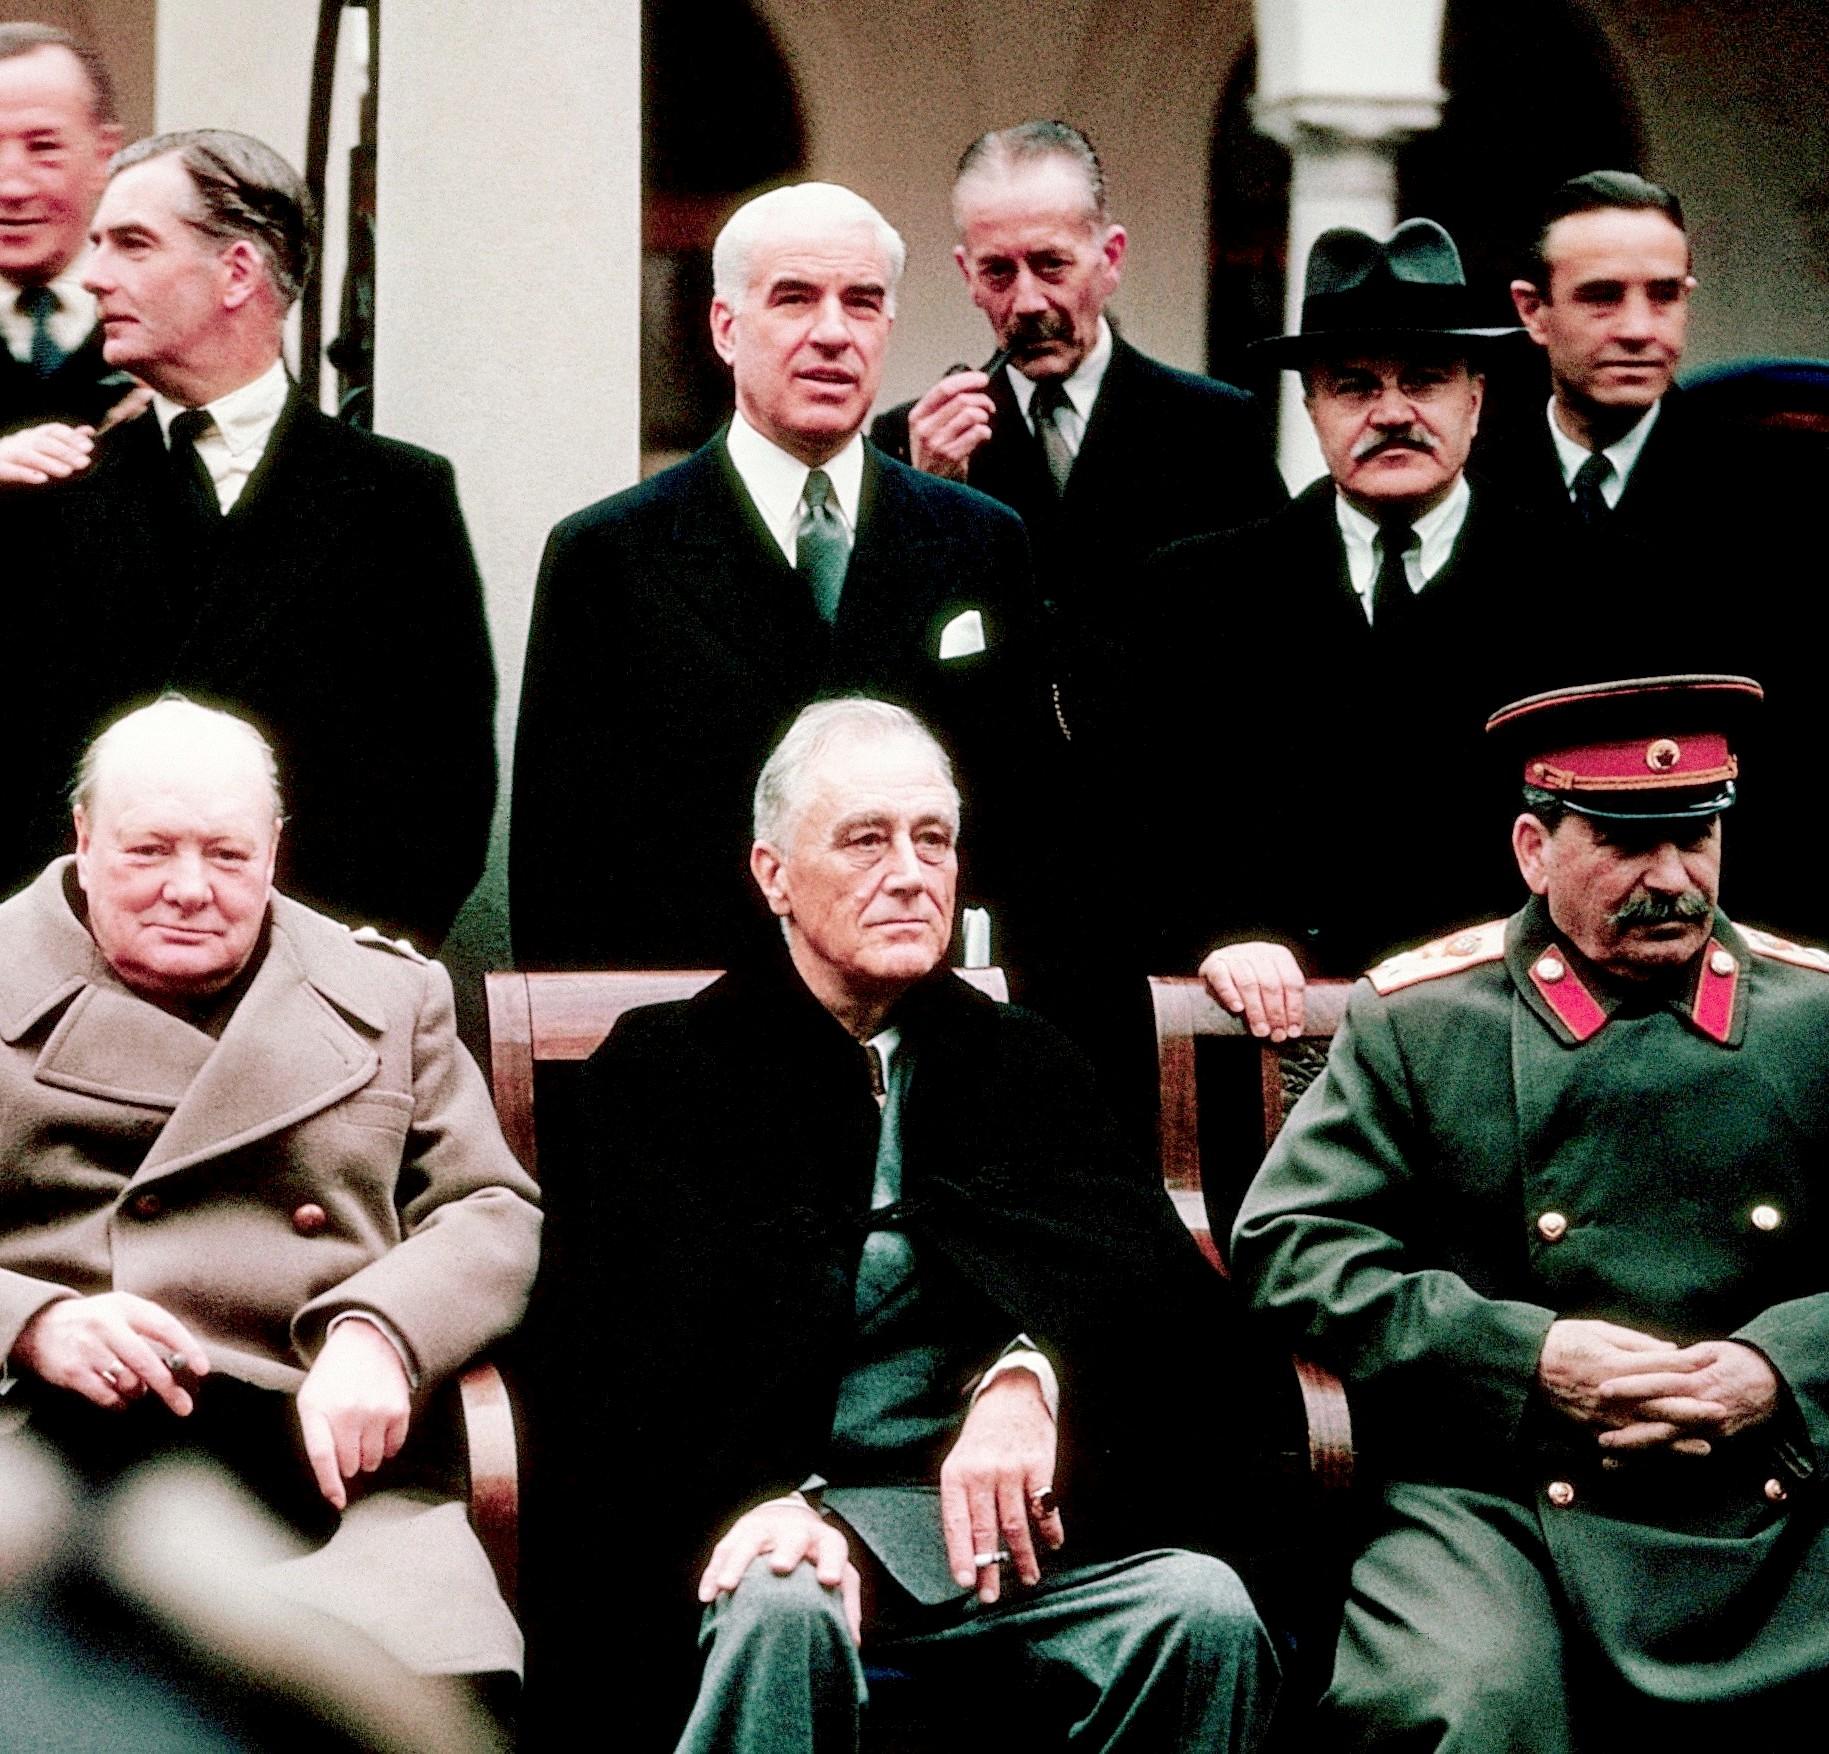 США, Америка, история, война, Как Вторая мировая война сформировала современную Америку